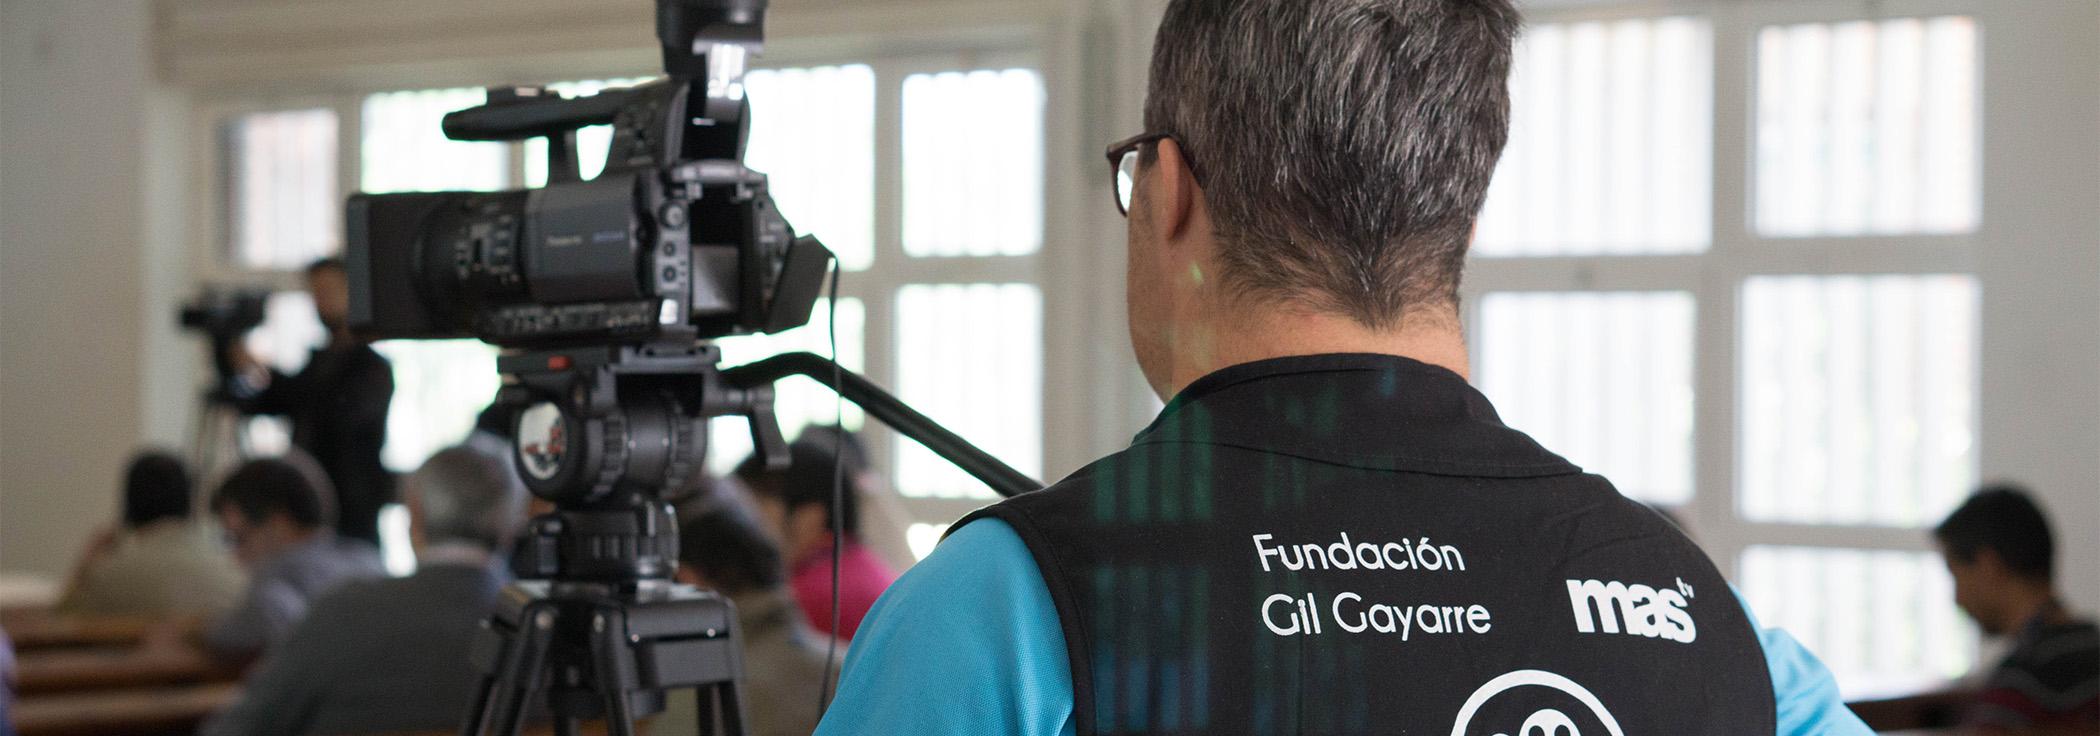 Enfocando el futuro - es un proyecto de Fundación Gil Gayarre en colaboración con Fundación Gmp para la creación de empleo para personas con discapacidad intelectual en el sector audiovisual